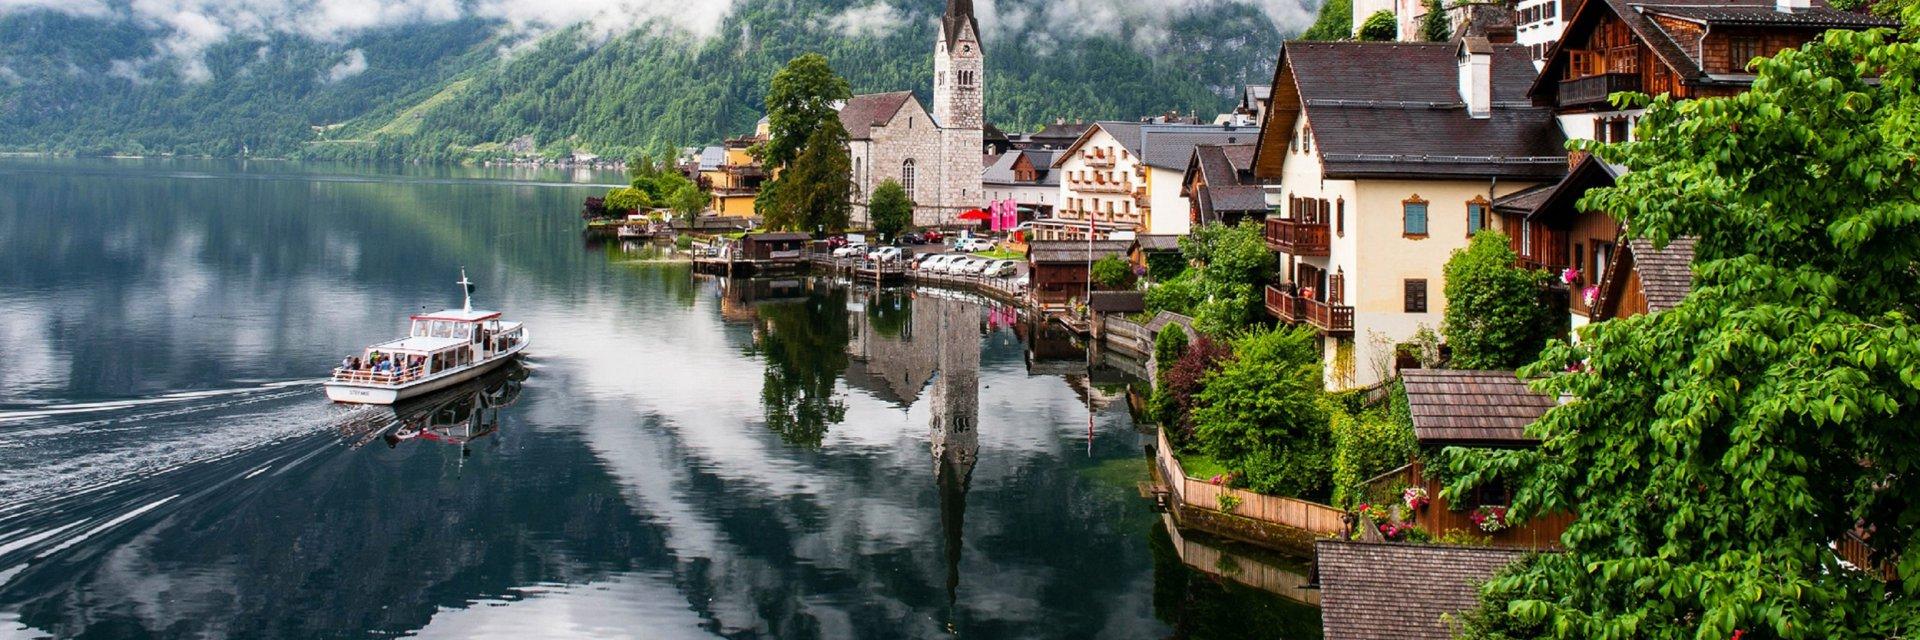 Haus Hadler Apts (Бад Гаштайн, Австрия) - цены, отзывы, фото, бронирование - ПАКС